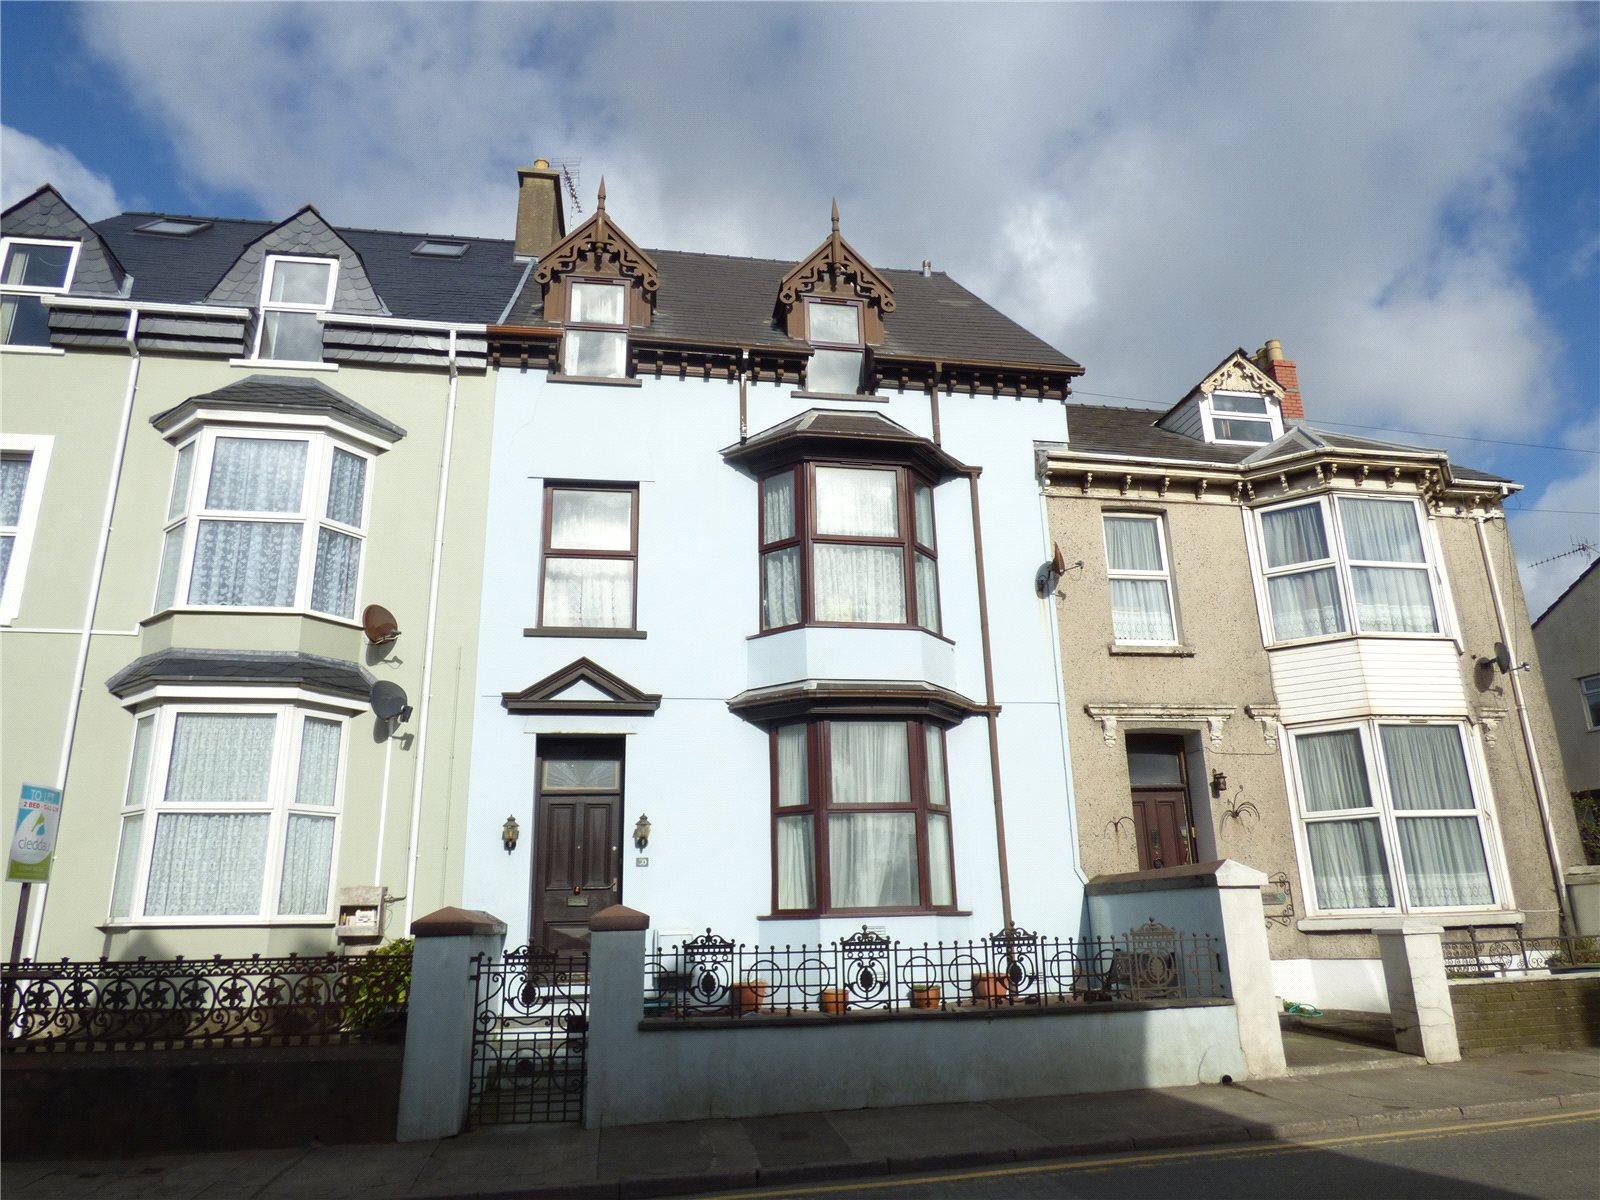 7 Bedrooms Terraced House for sale in London Road, Pembroke Dock, Pembrokeshire